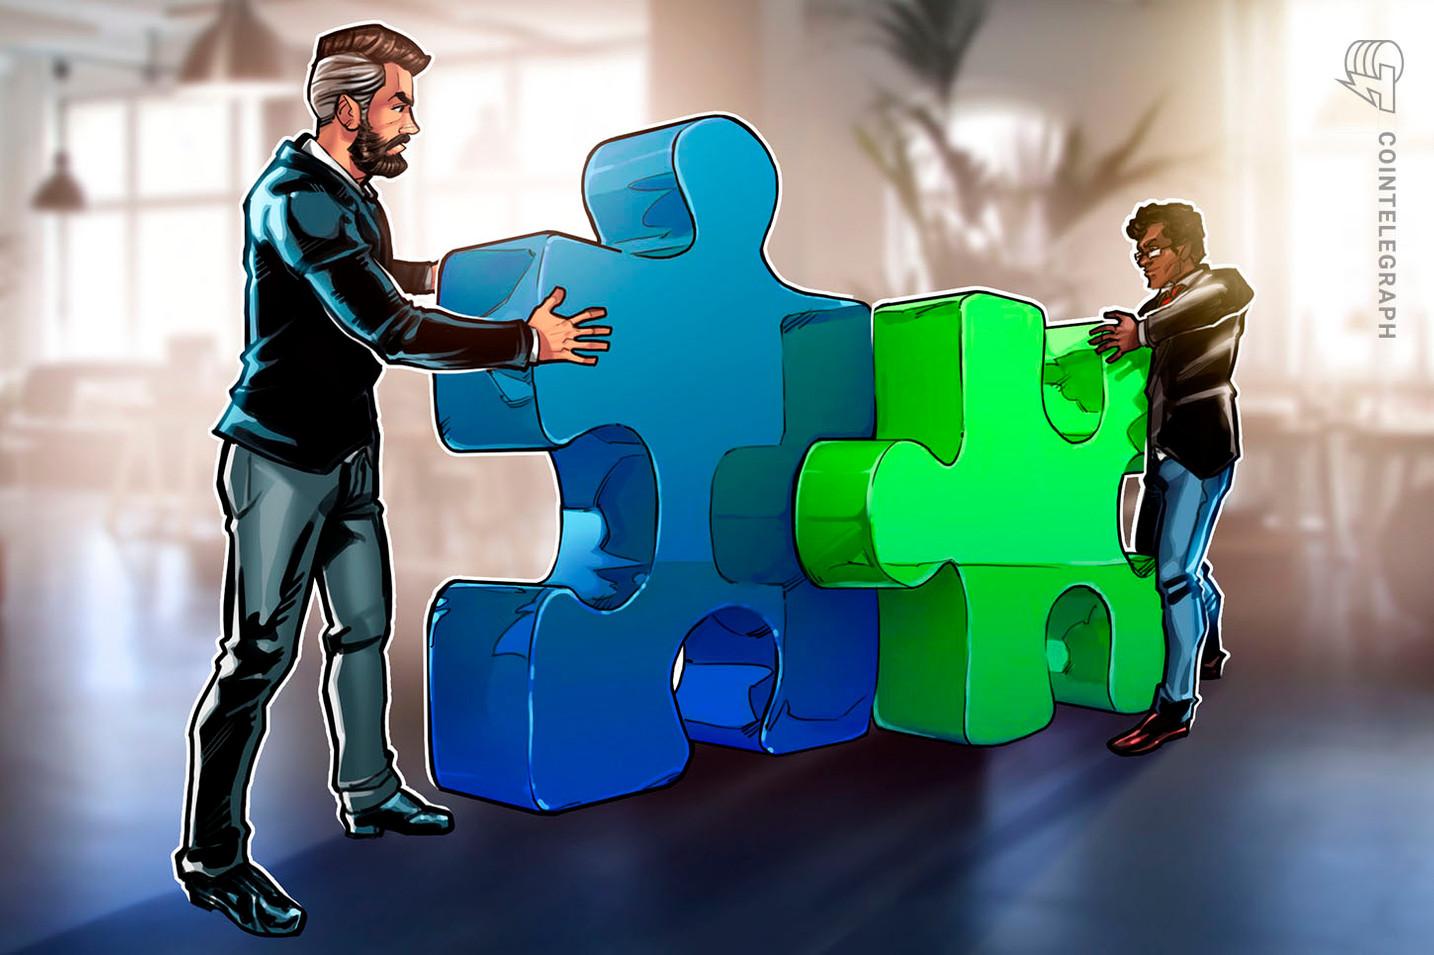 IBM e CUSO CULedger fazem parceria para desenvolver soluções blockchain para uniões de crédito globais